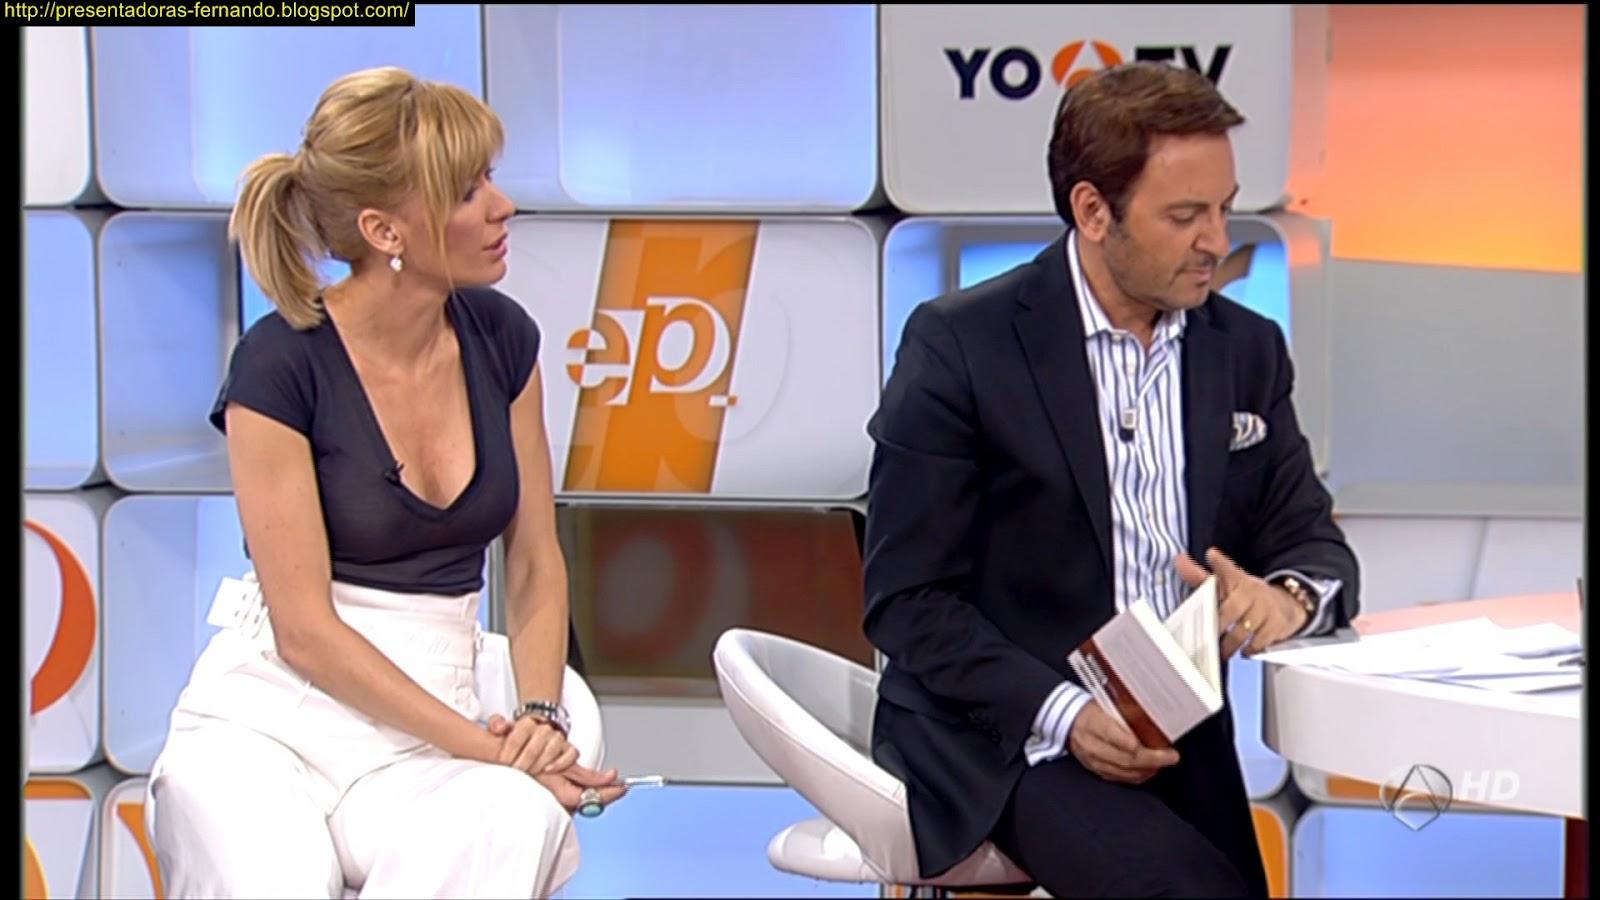 Presentadoras fernando susana griso espejo publico 6 6 2012 for Espejo publico verano